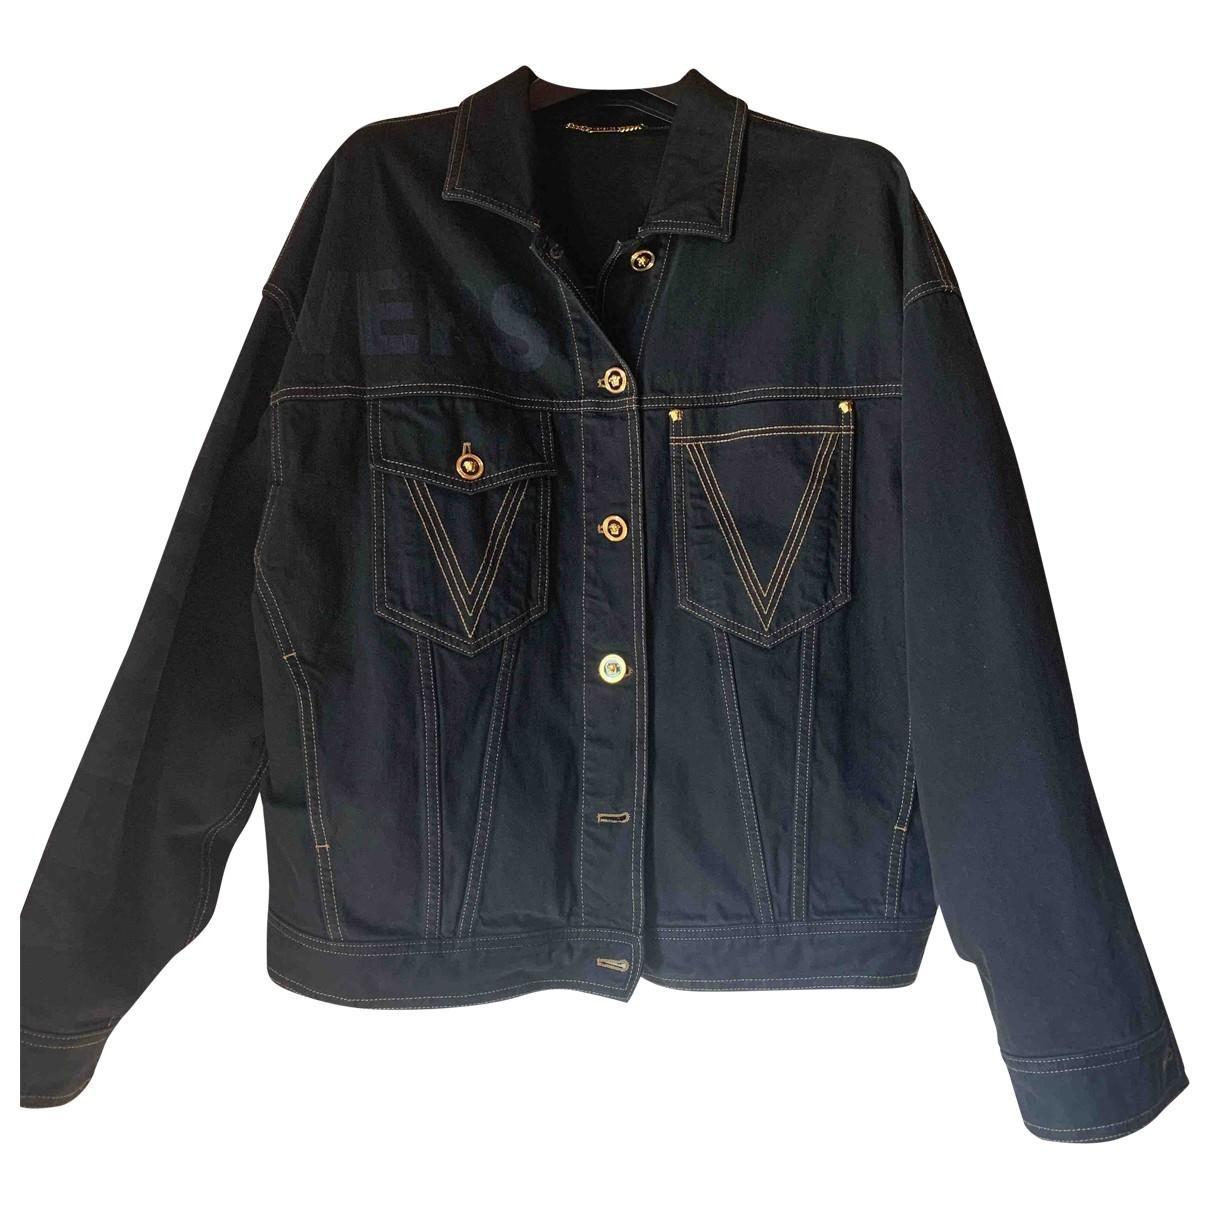 Versace \N Jacke in  Grau Baumwolle